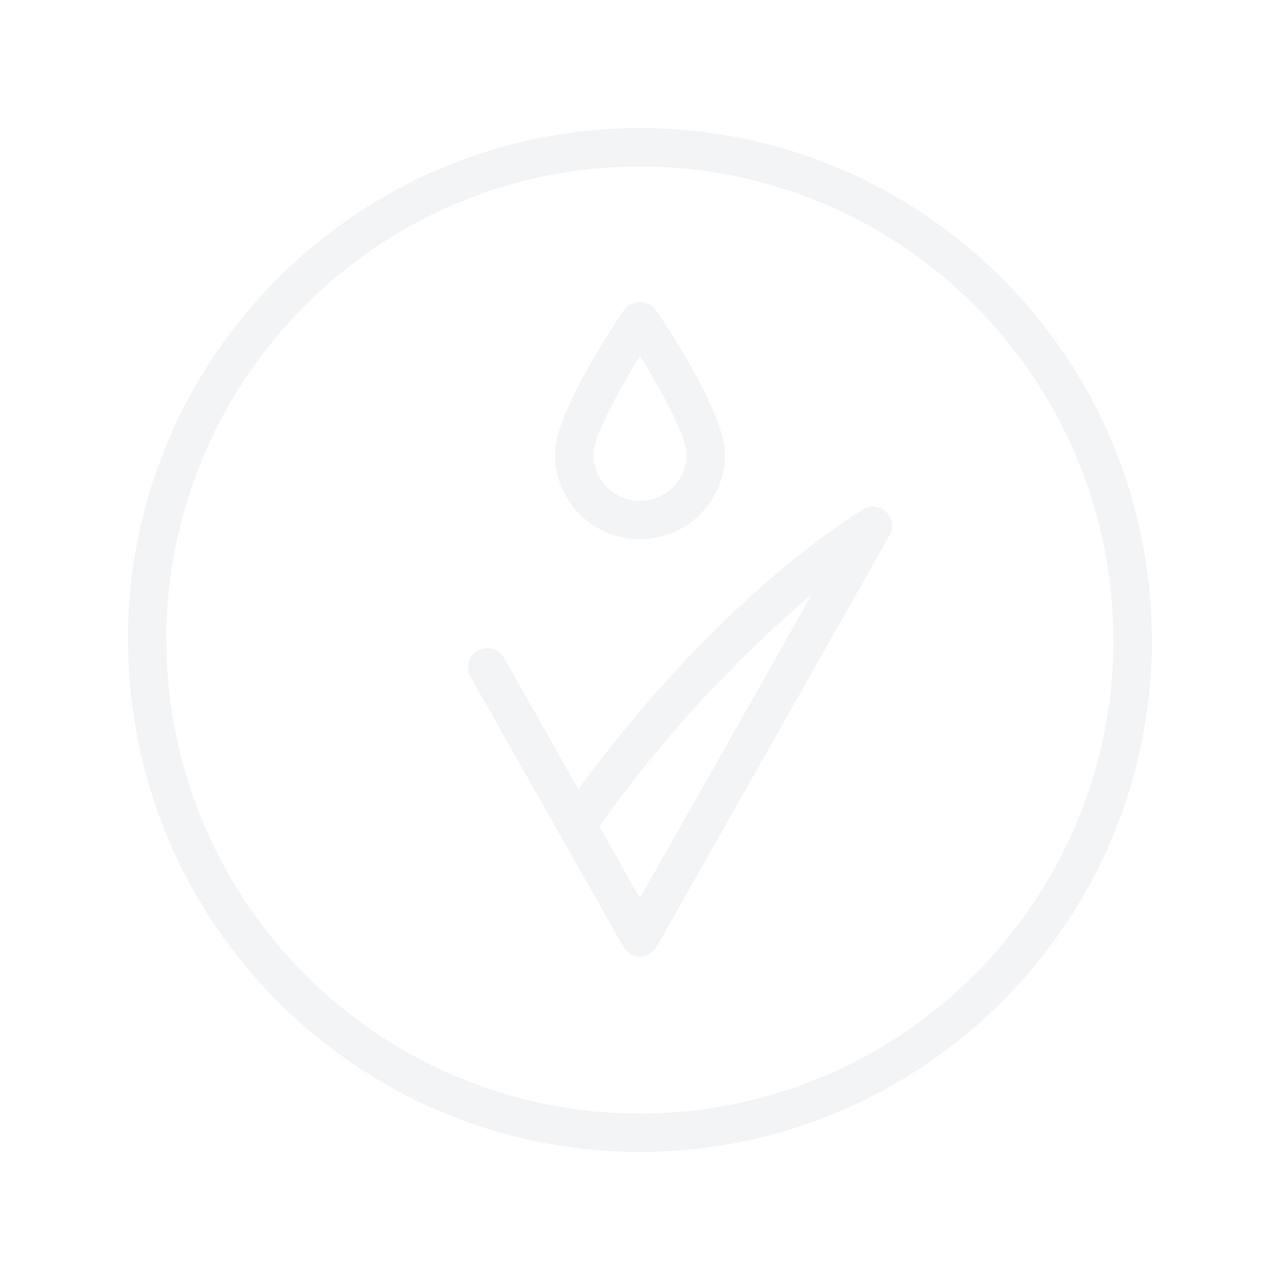 LIERAC Premium The Mask 75ml